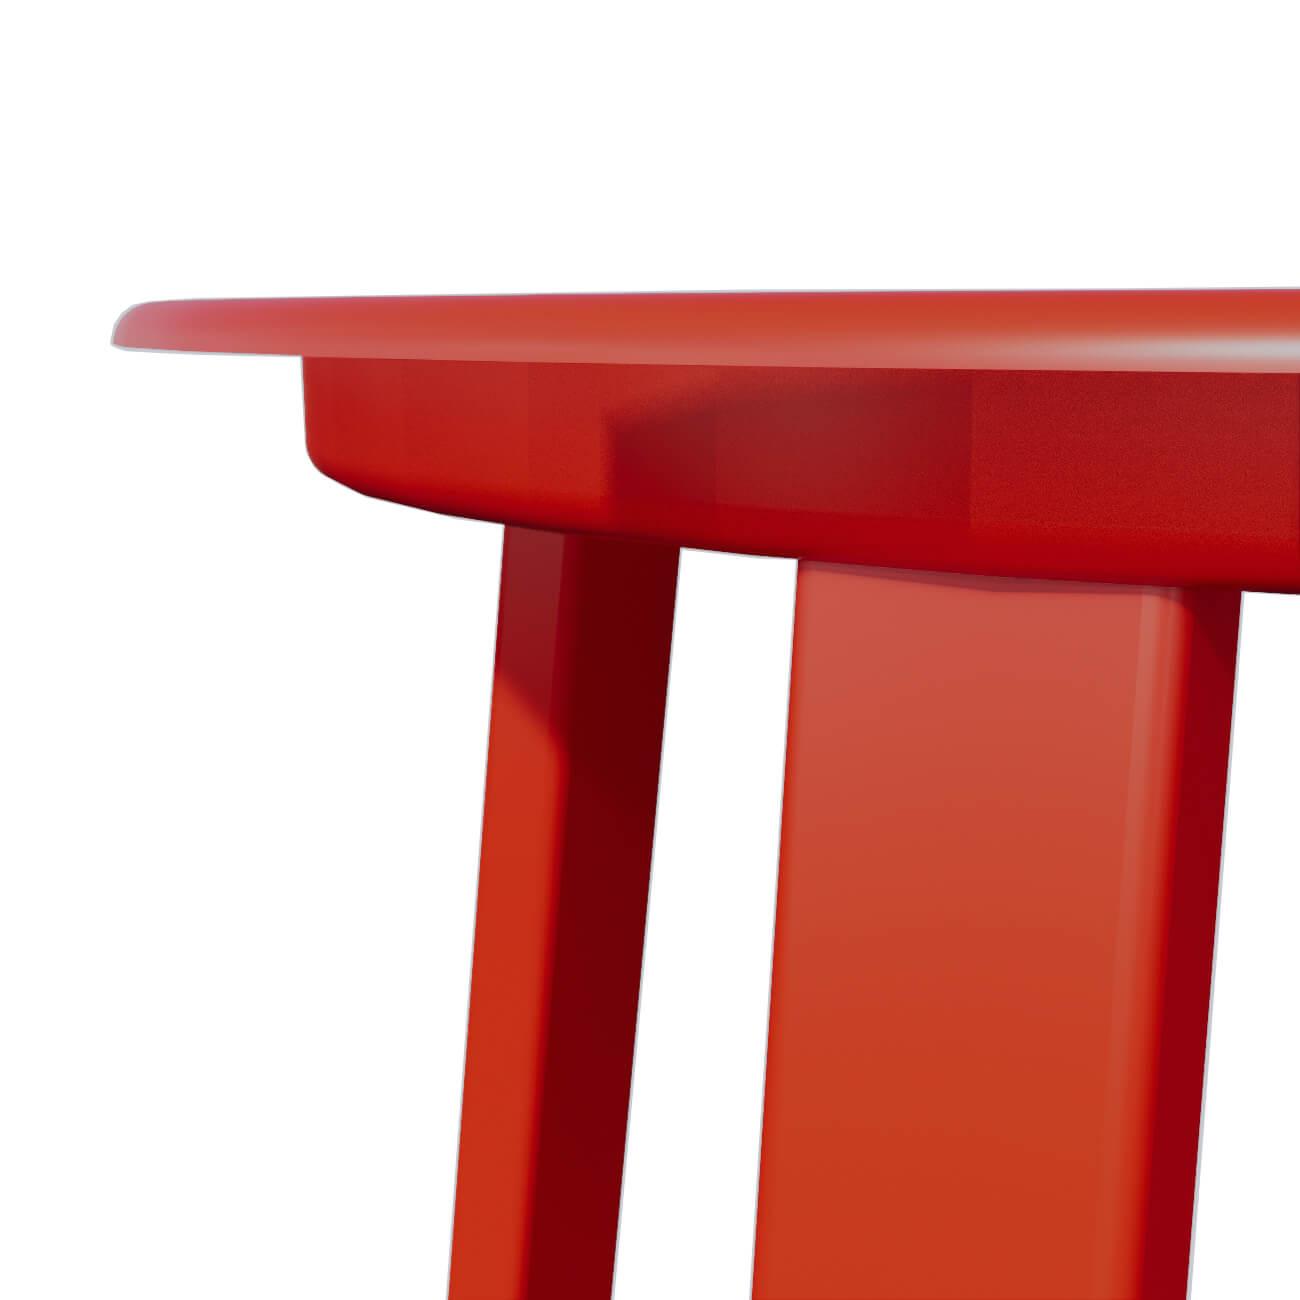 RED STOOL - DETAIL